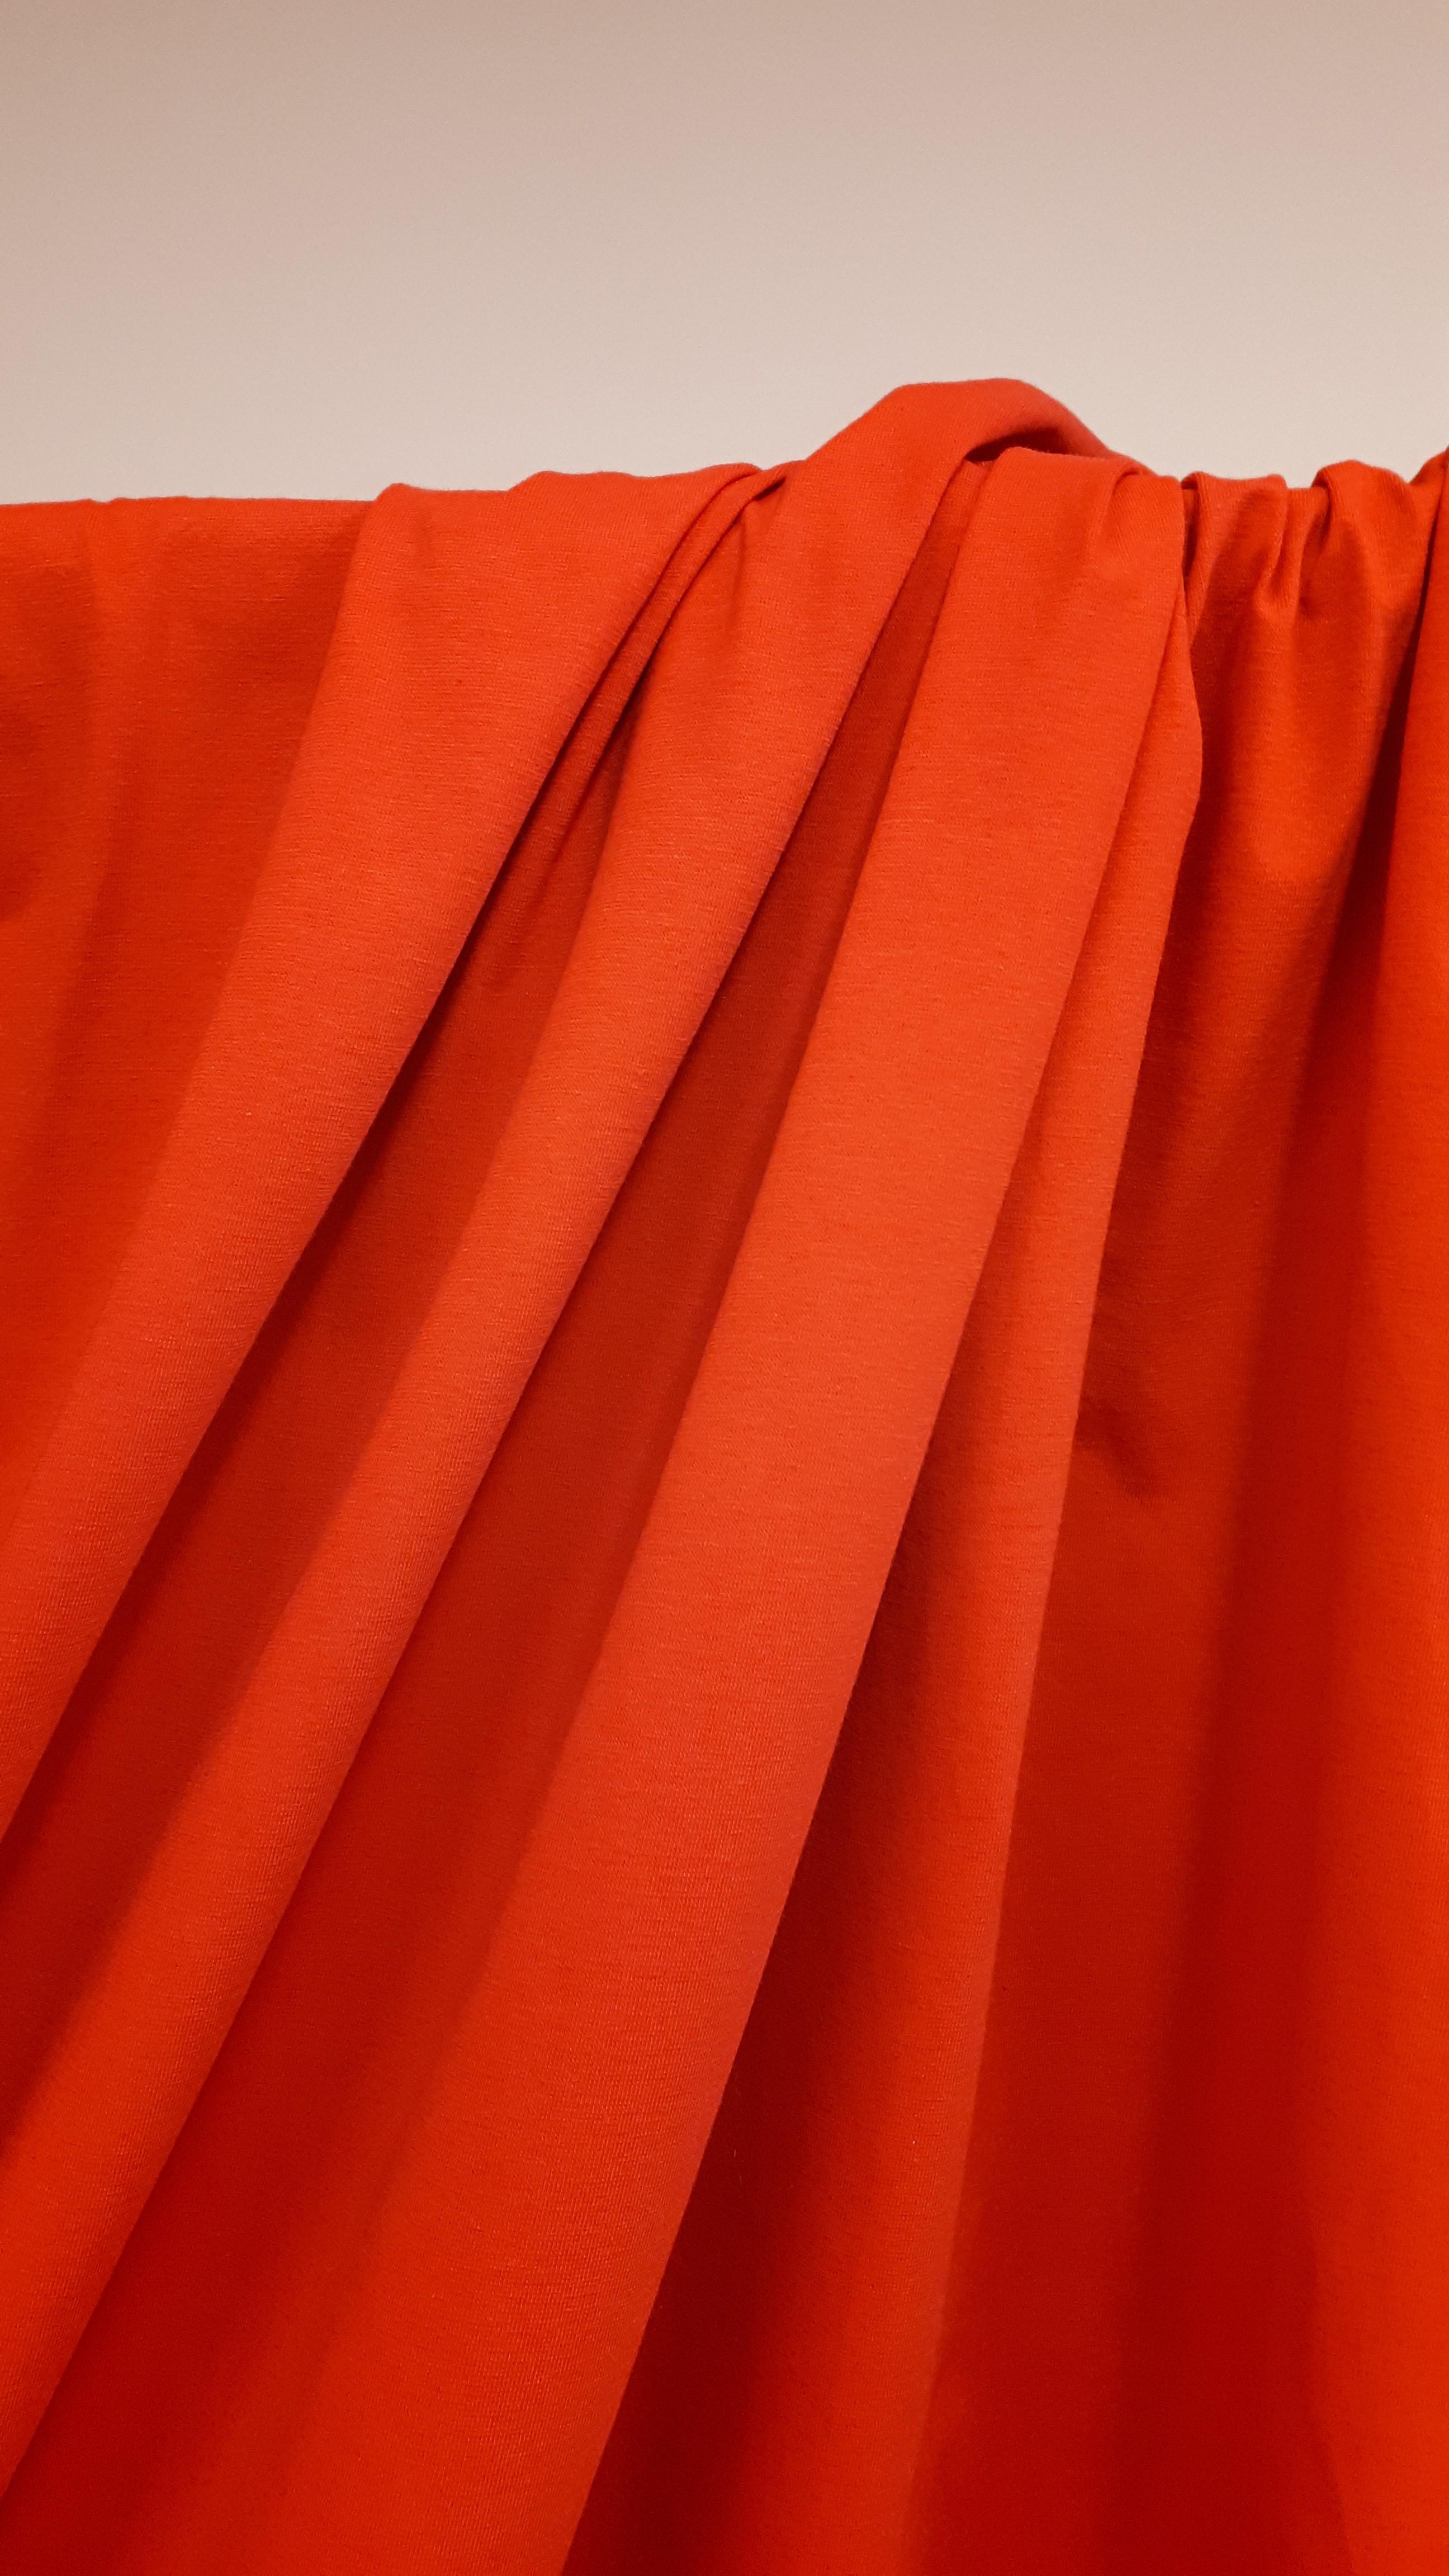 Mīksta kokvilnas trikotāža sarkanā krāsā